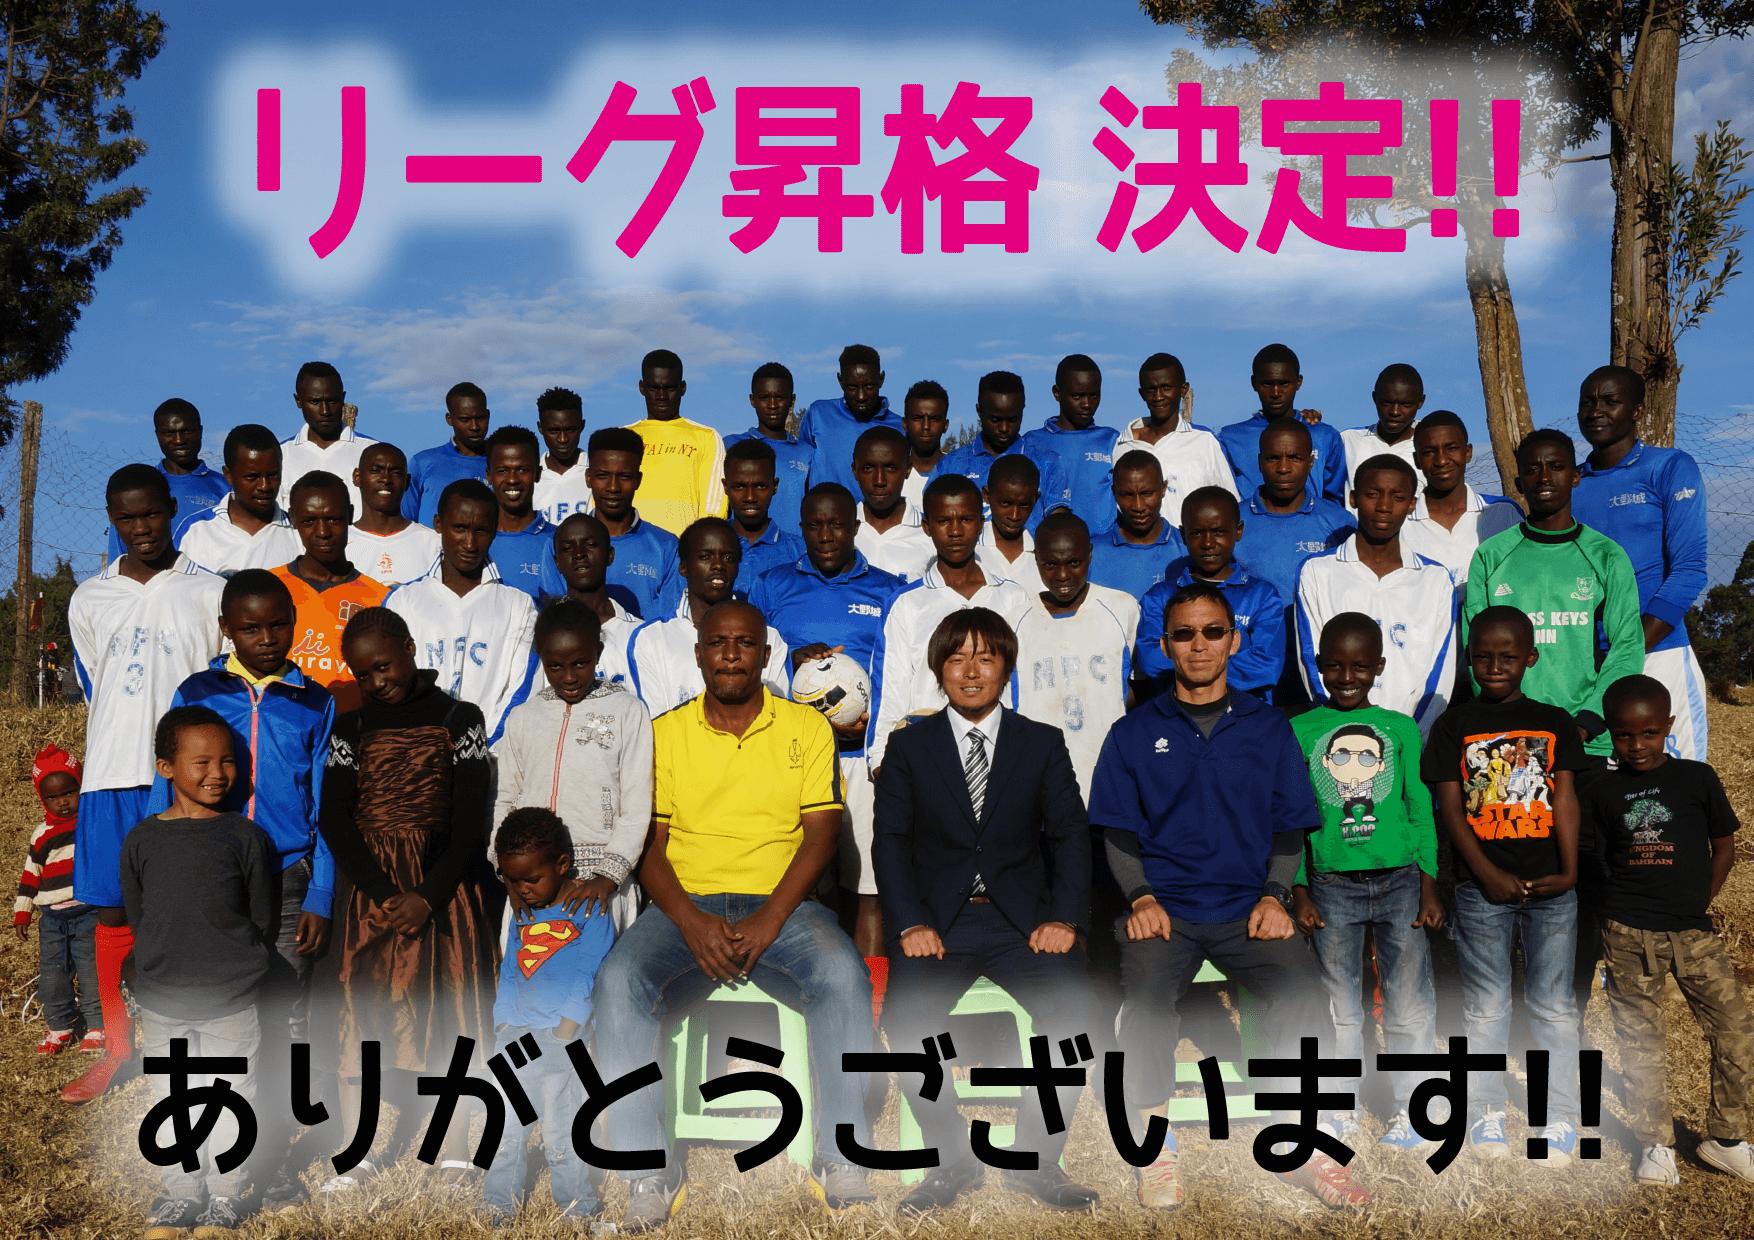 リーグ昇格決定!ありがとうございます。